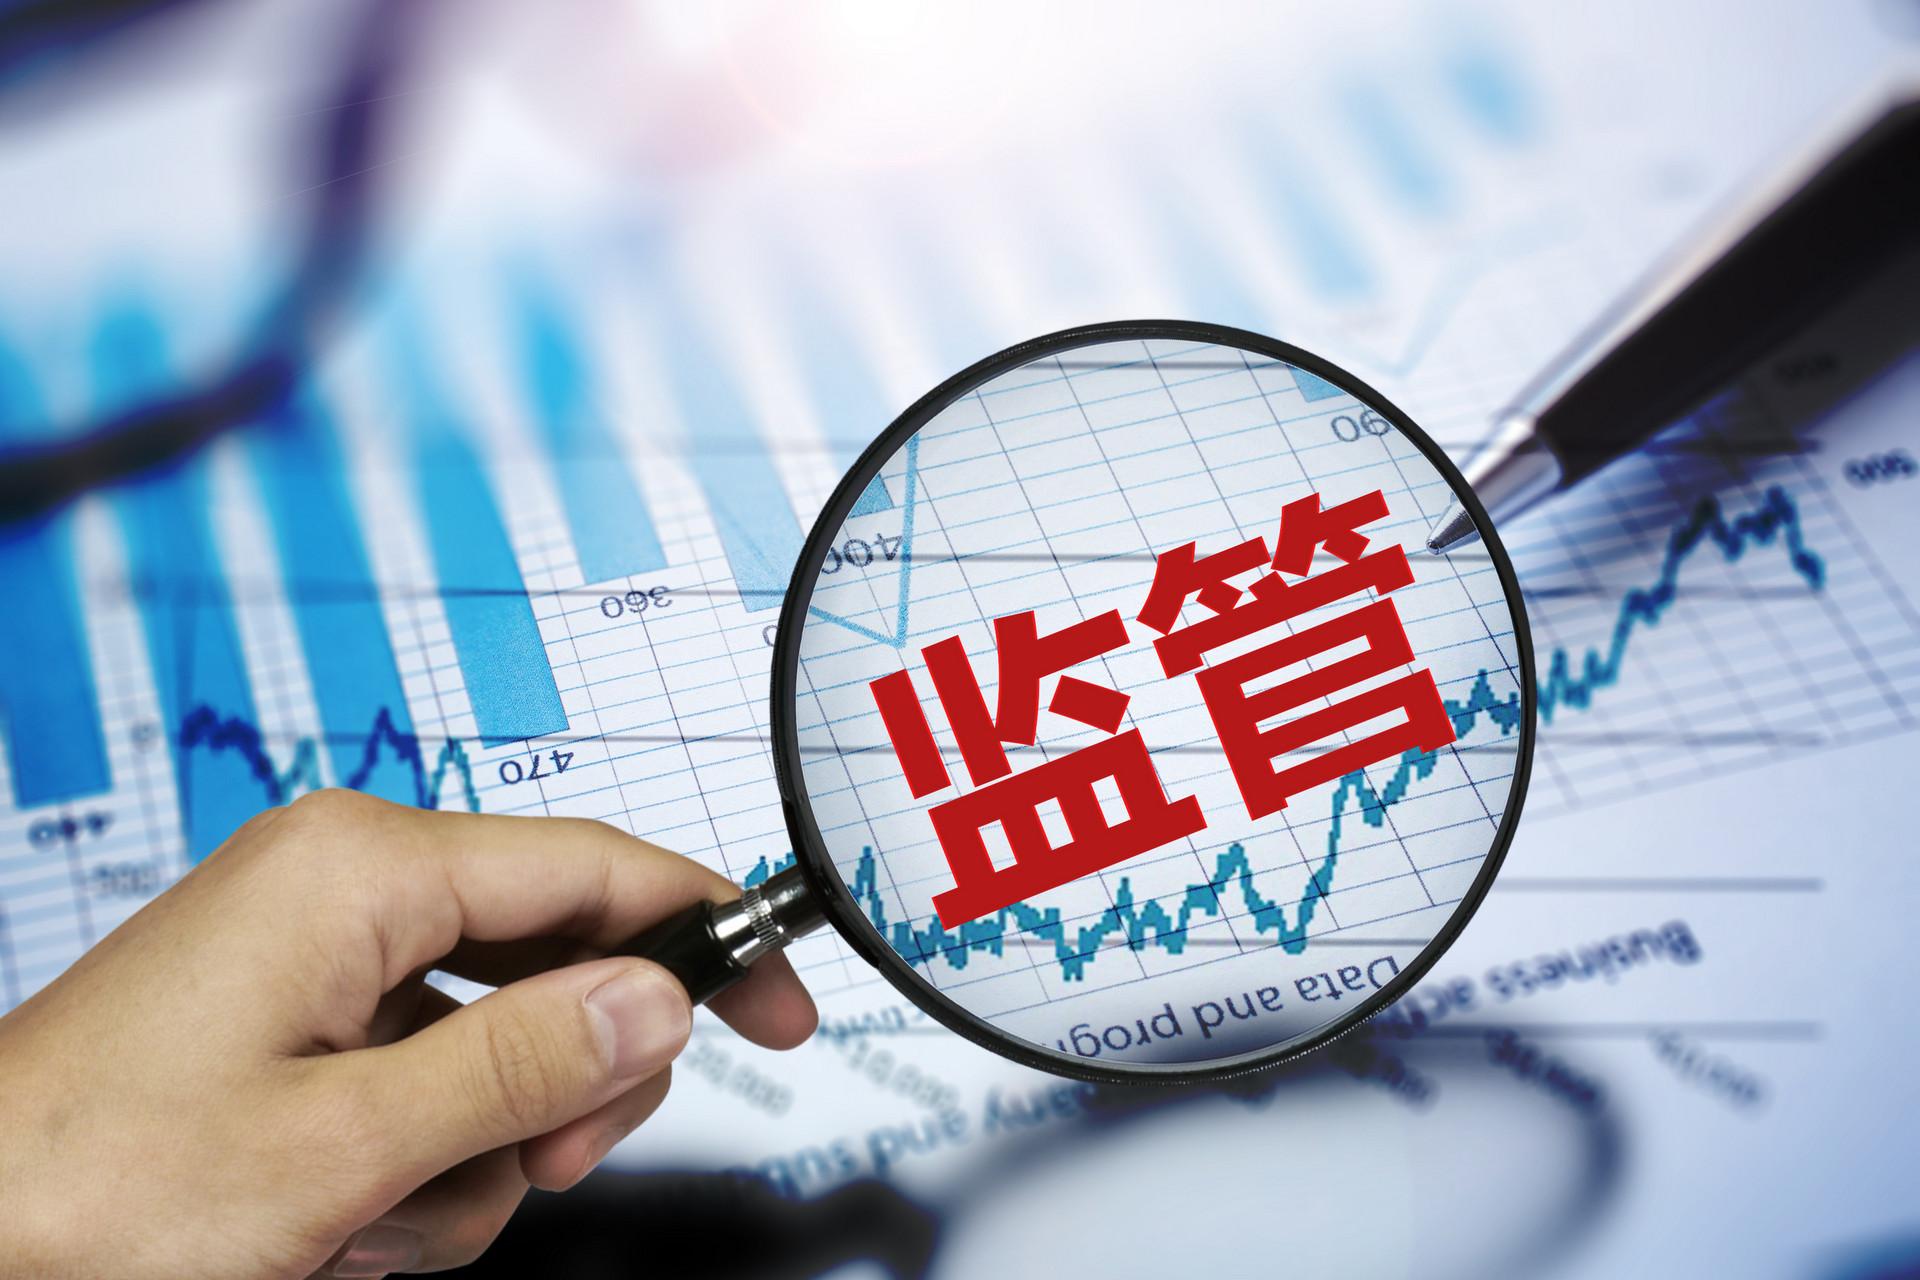 代理记账,杭州比较好的记账代理企业有哪些,杭州代理记账